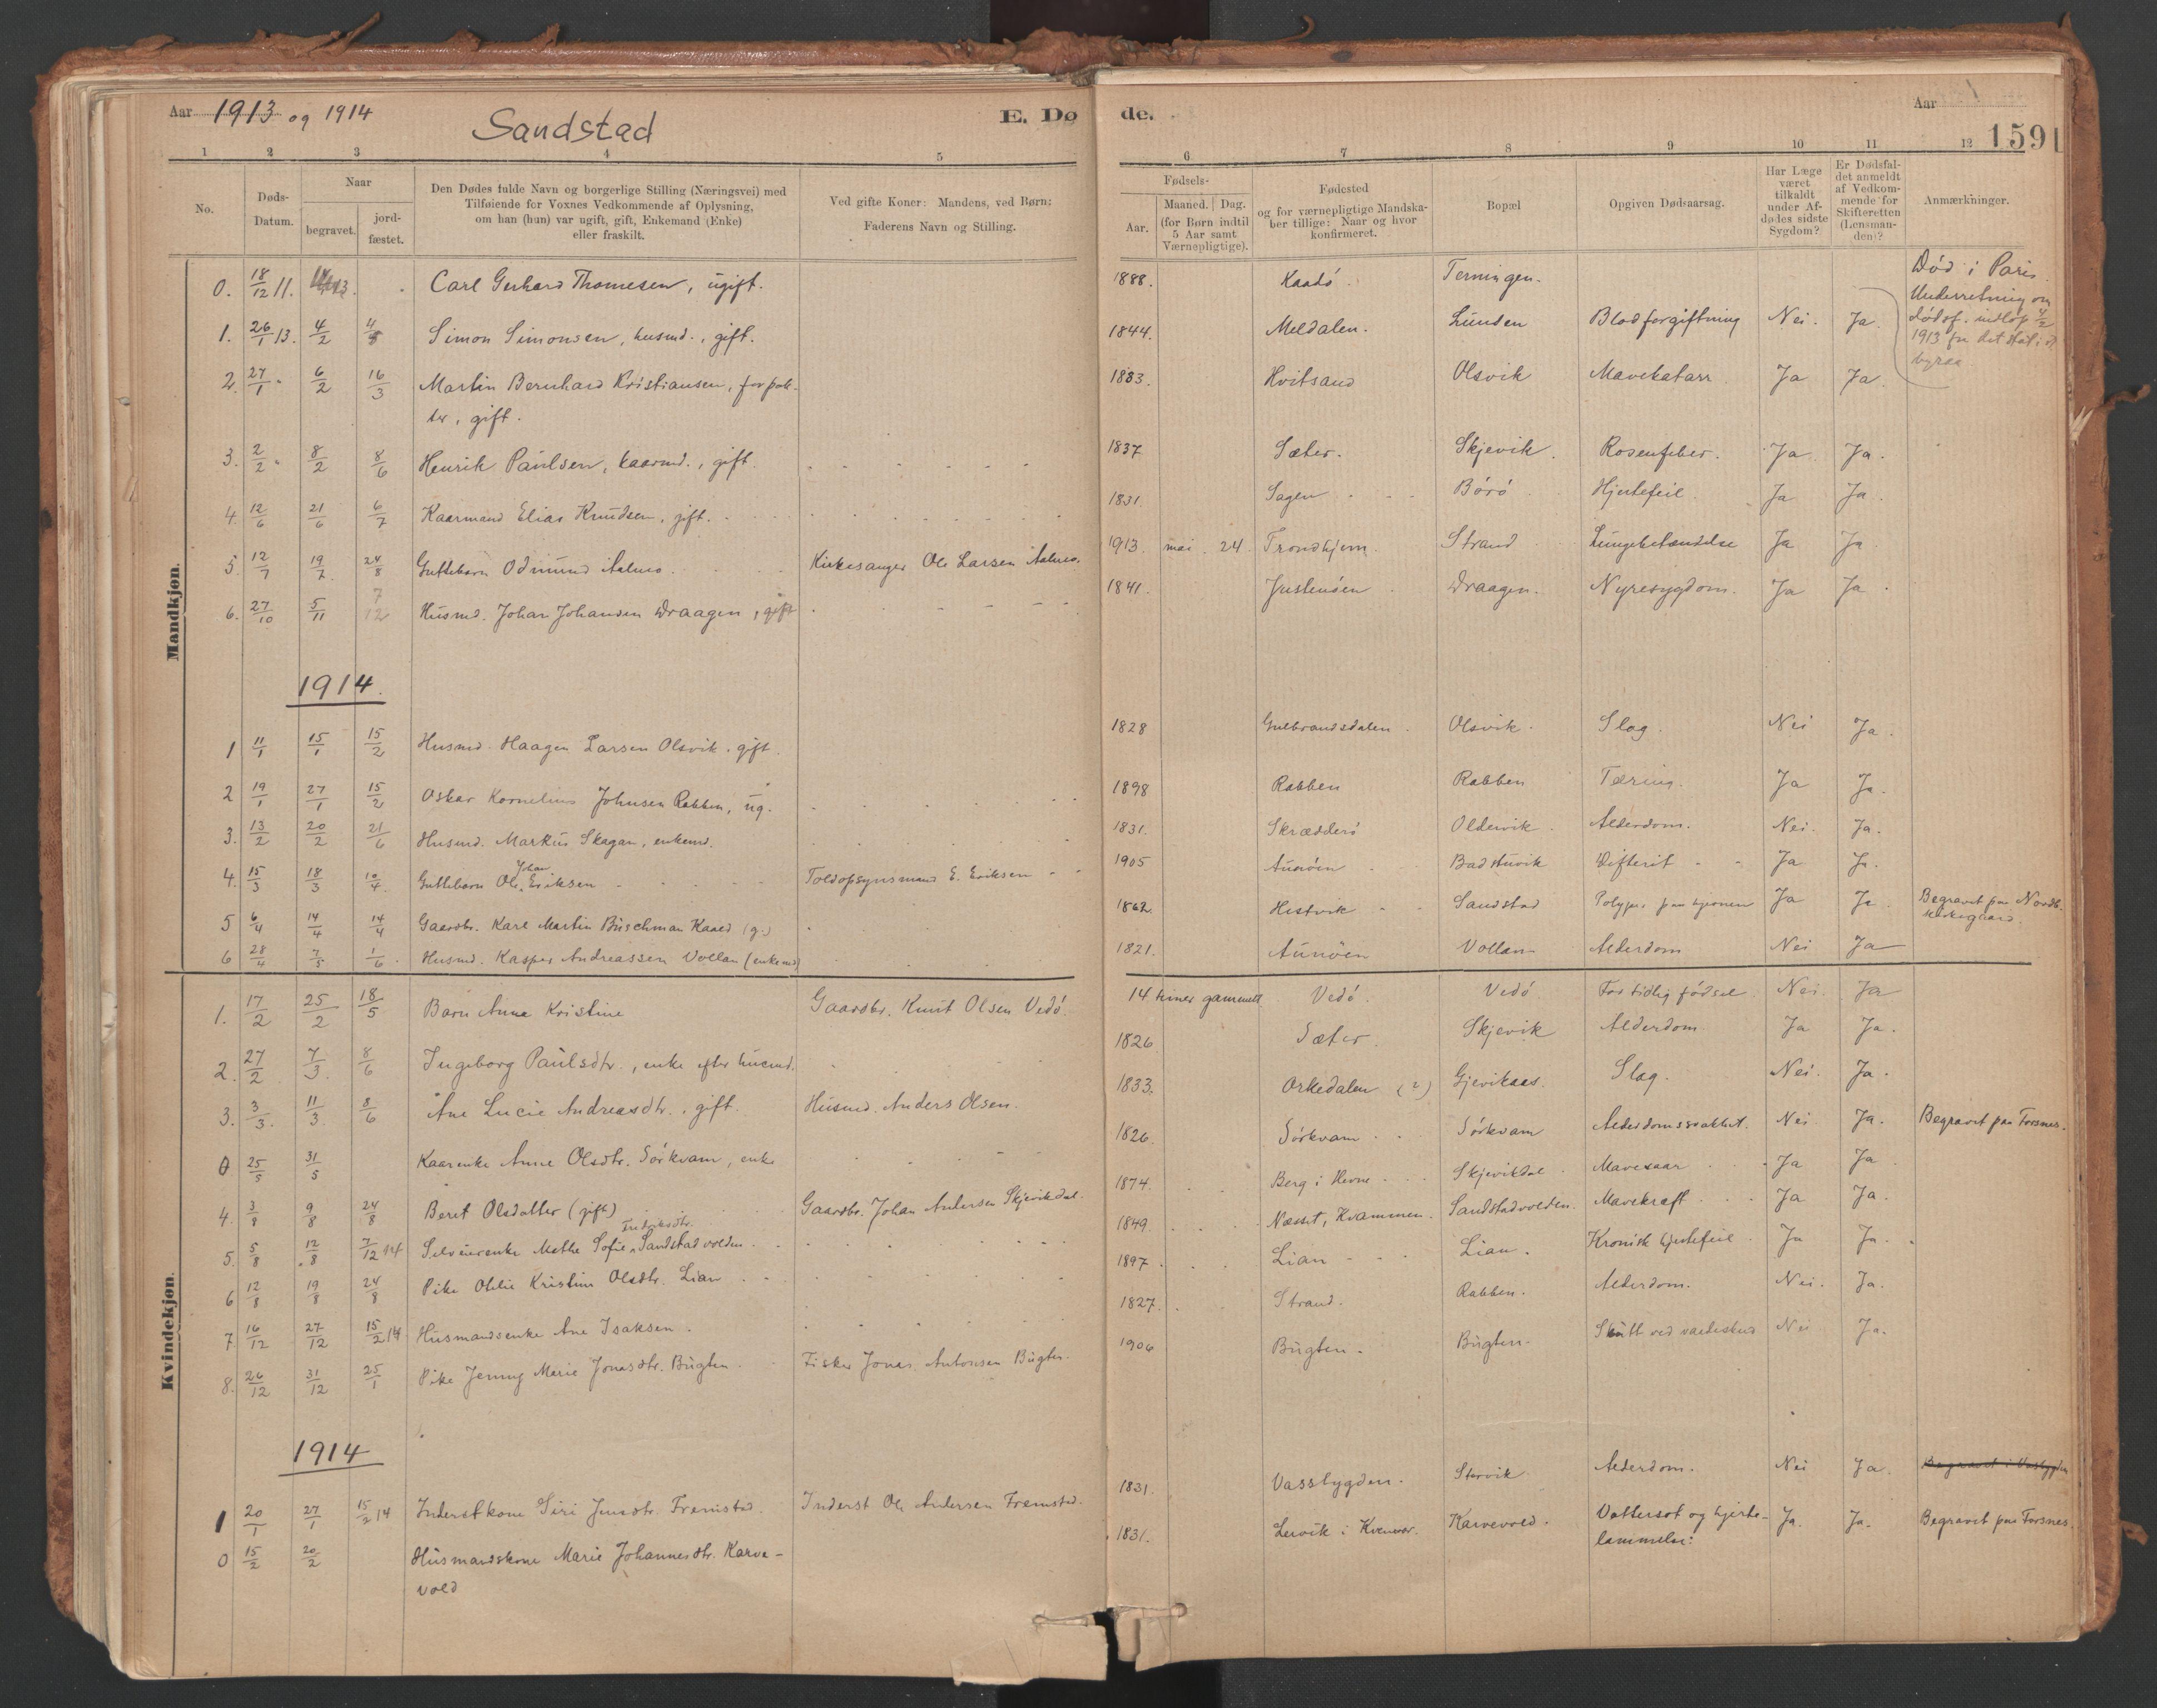 SAT, Ministerialprotokoller, klokkerbøker og fødselsregistre - Sør-Trøndelag, 639/L0572: Ministerialbok nr. 639A01, 1890-1920, s. 159